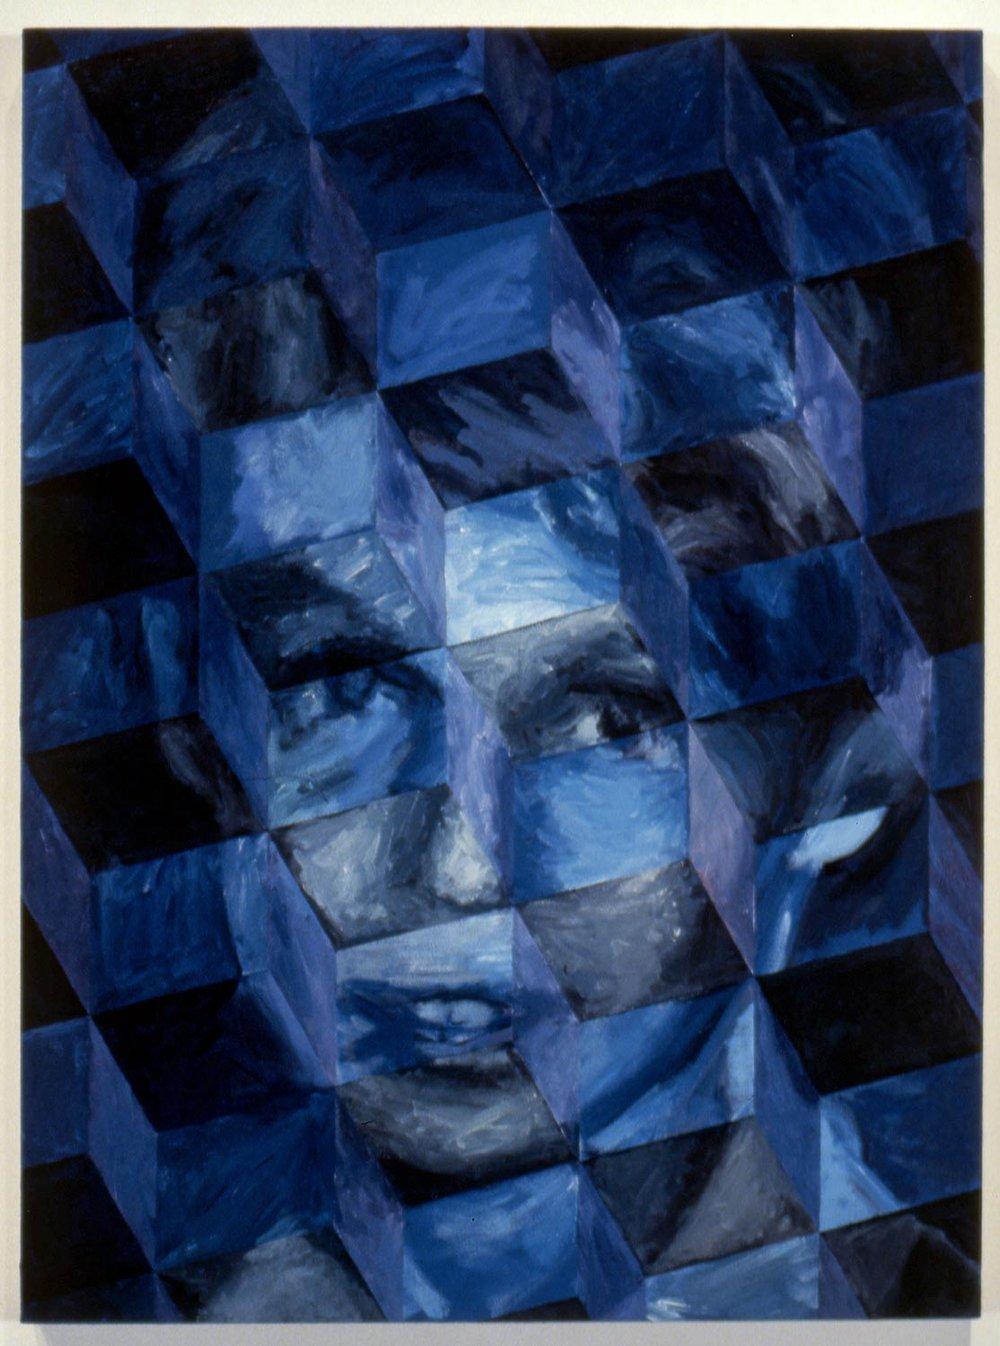 Jeune peinture (Young Painting): Michel Saulnier, 1997